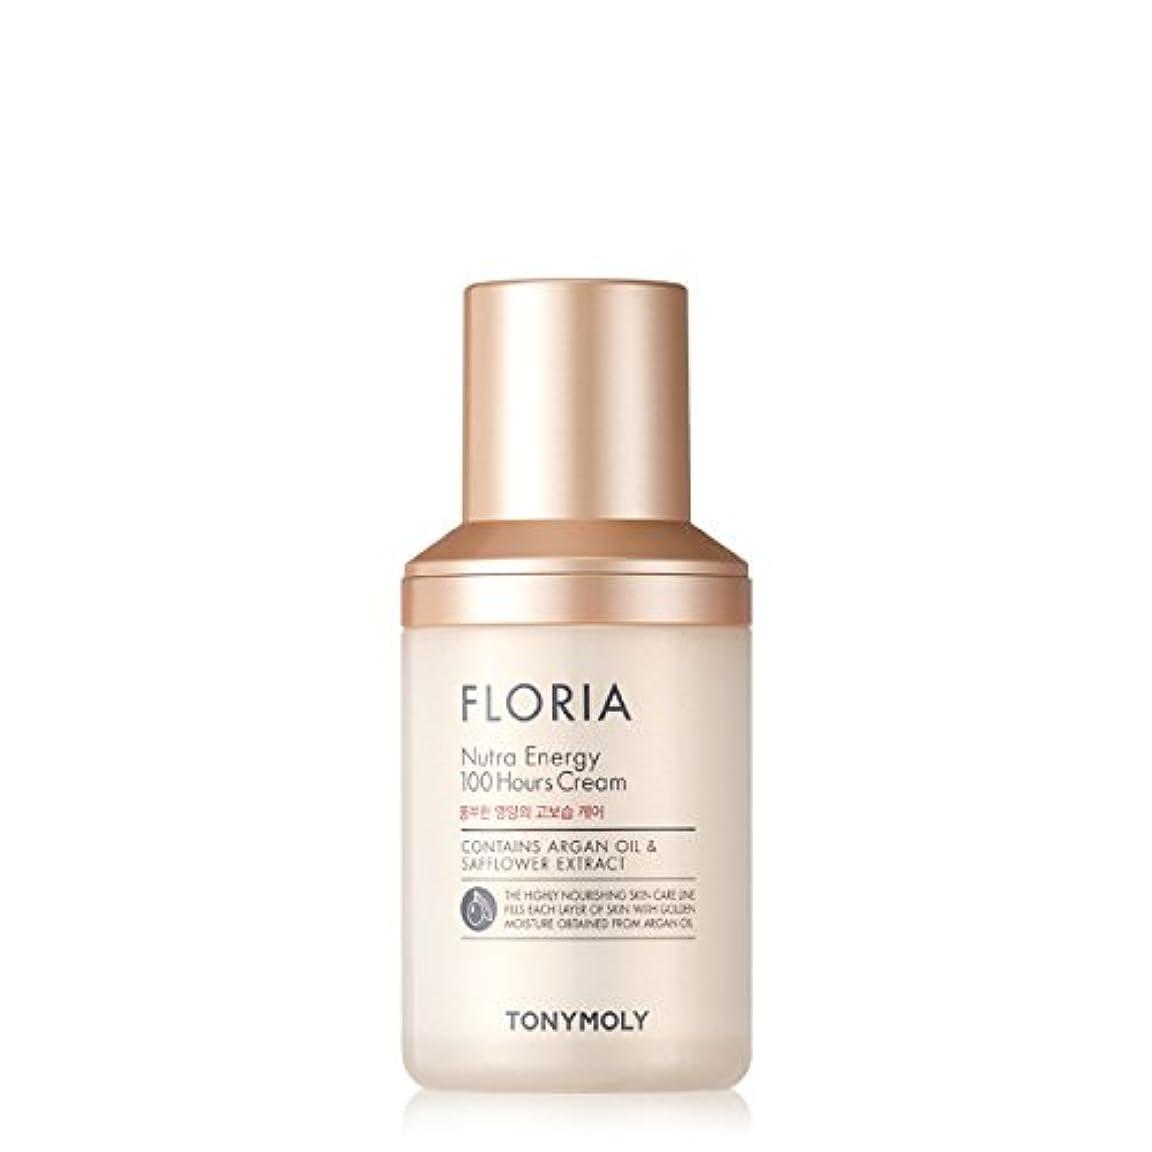 両方慣れる百科事典[NEW] TONY MOLY Floria Nutra energy 100 hours Cream 50ml トニーモリー フローリア ニュートラ エナジー 100時間 クリーム 50ml [並行輸入品]